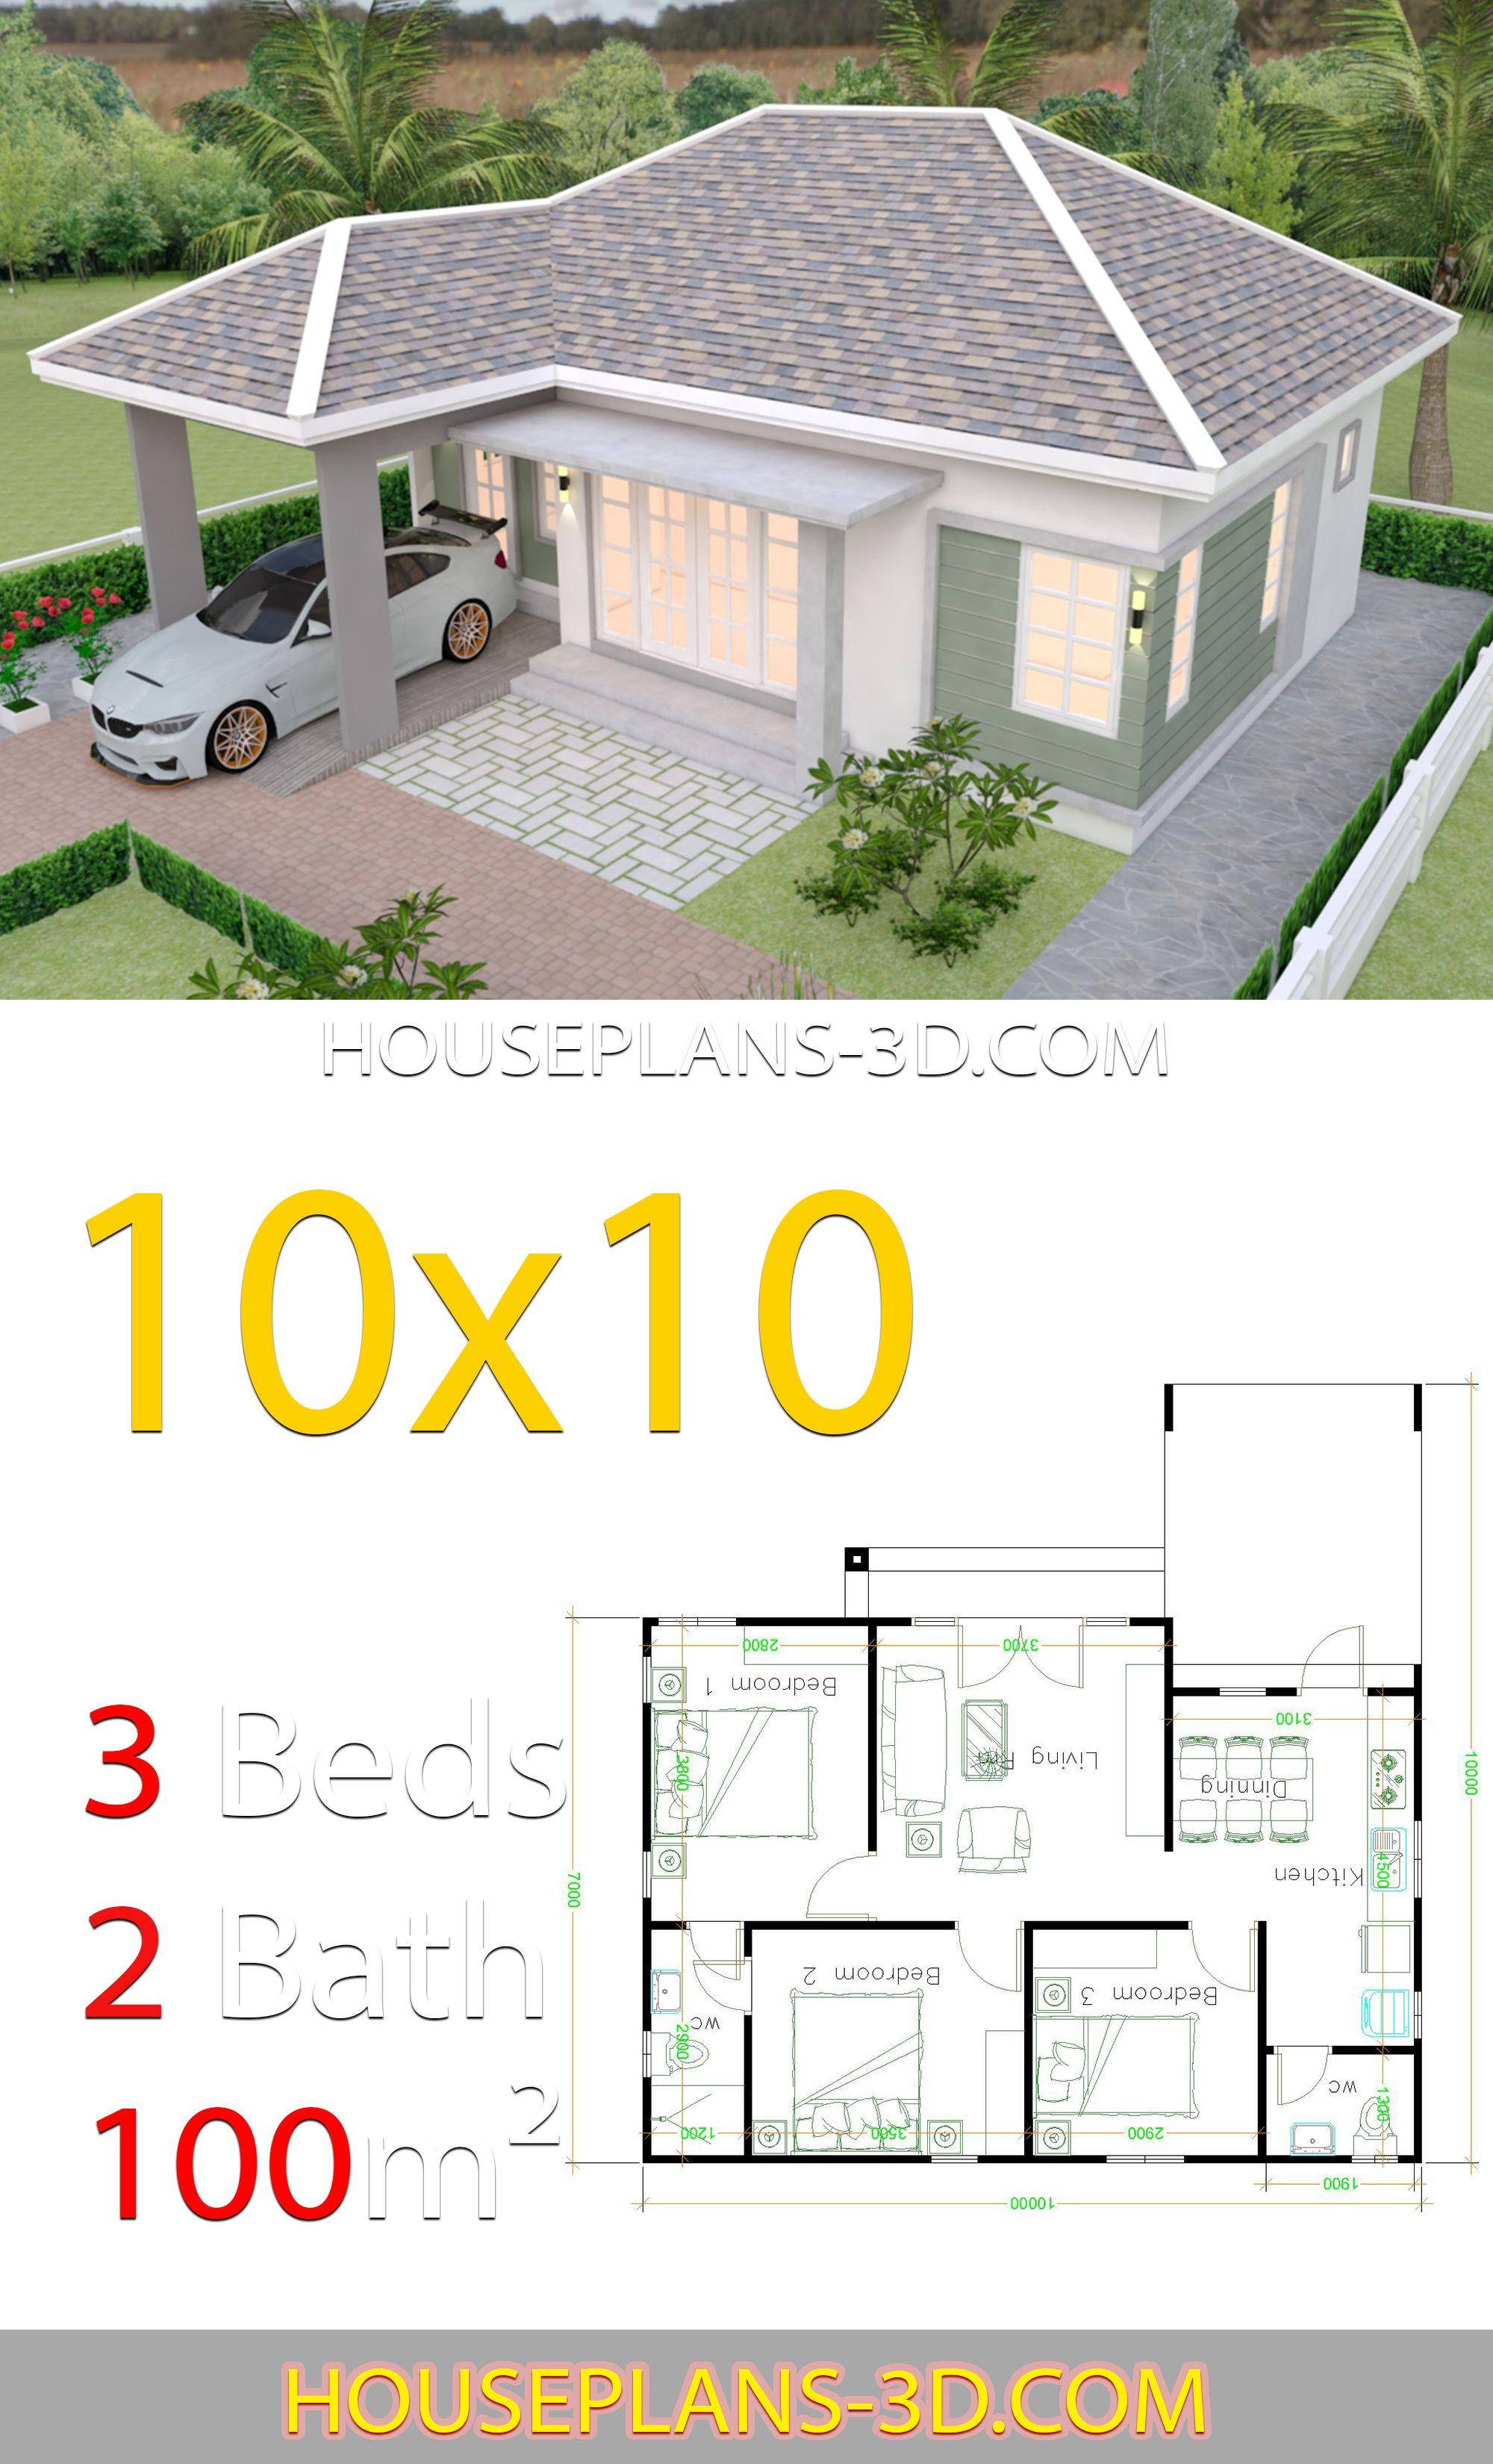 Desain Rumah Autocad 3d : desain, rumah, autocad, House, Design, 10x10, Bedrooms, Plans, Letak, Rumah,, Desain, Rumah, Kecil,, Denah, Kamar, Tidur